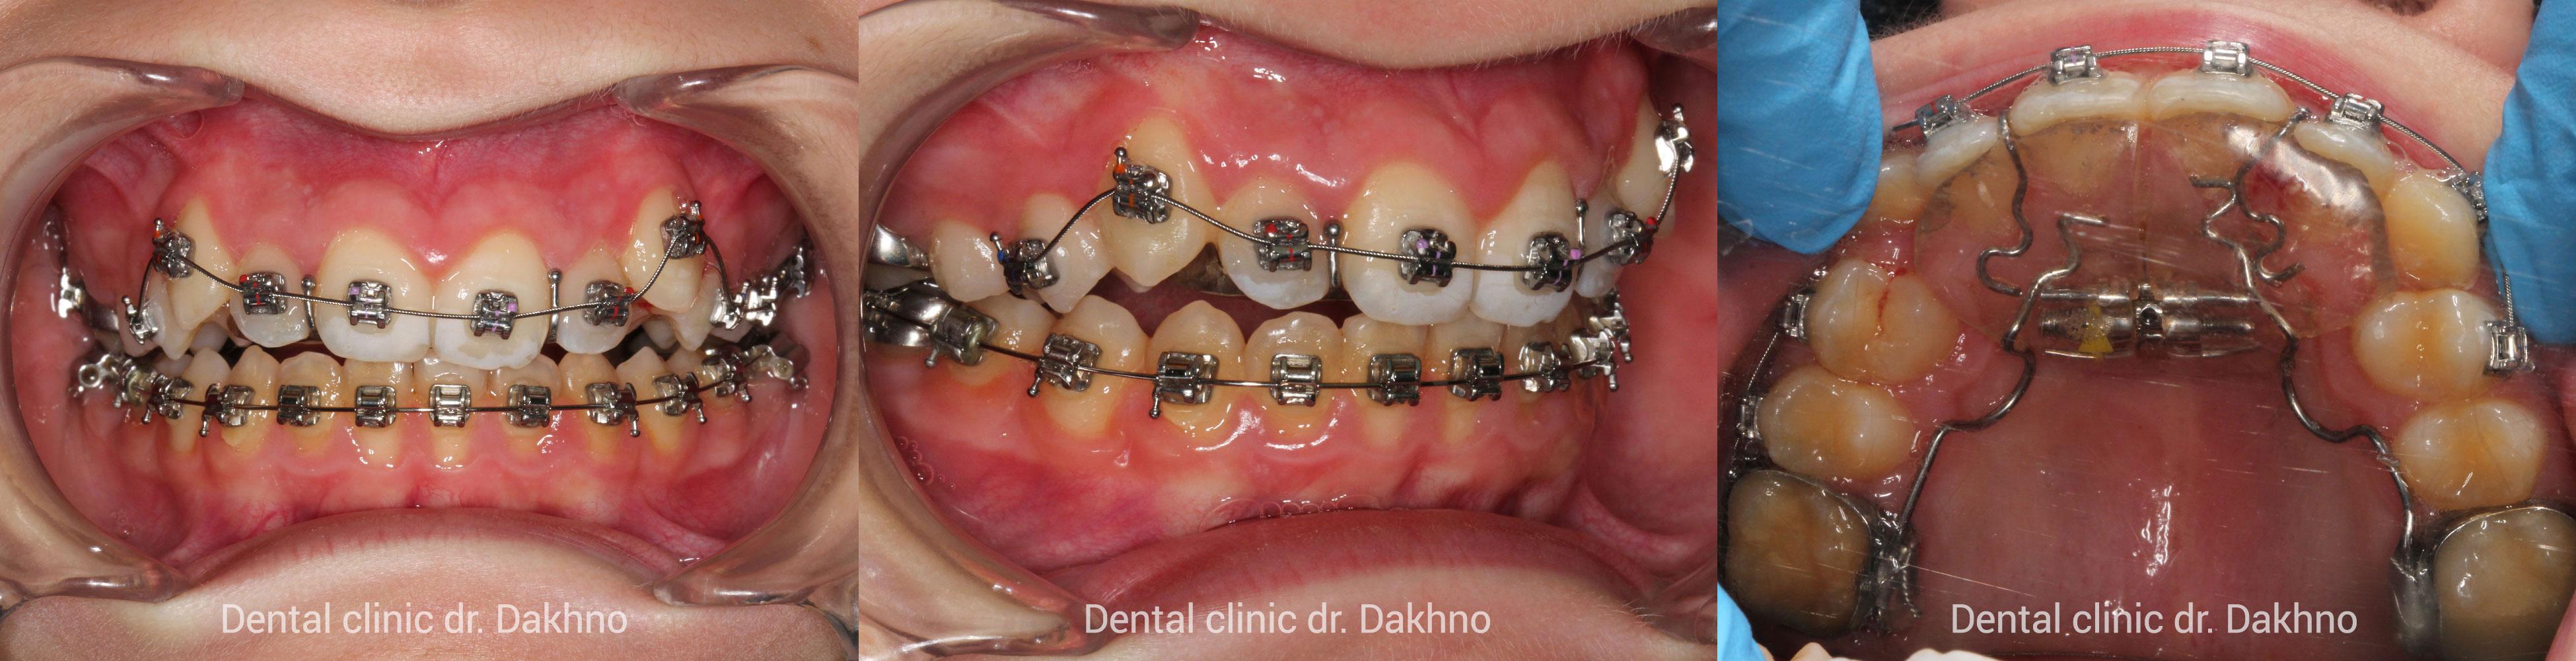 стабилизирующий аппарат и самолигирующая брекет-система верхней челюсти